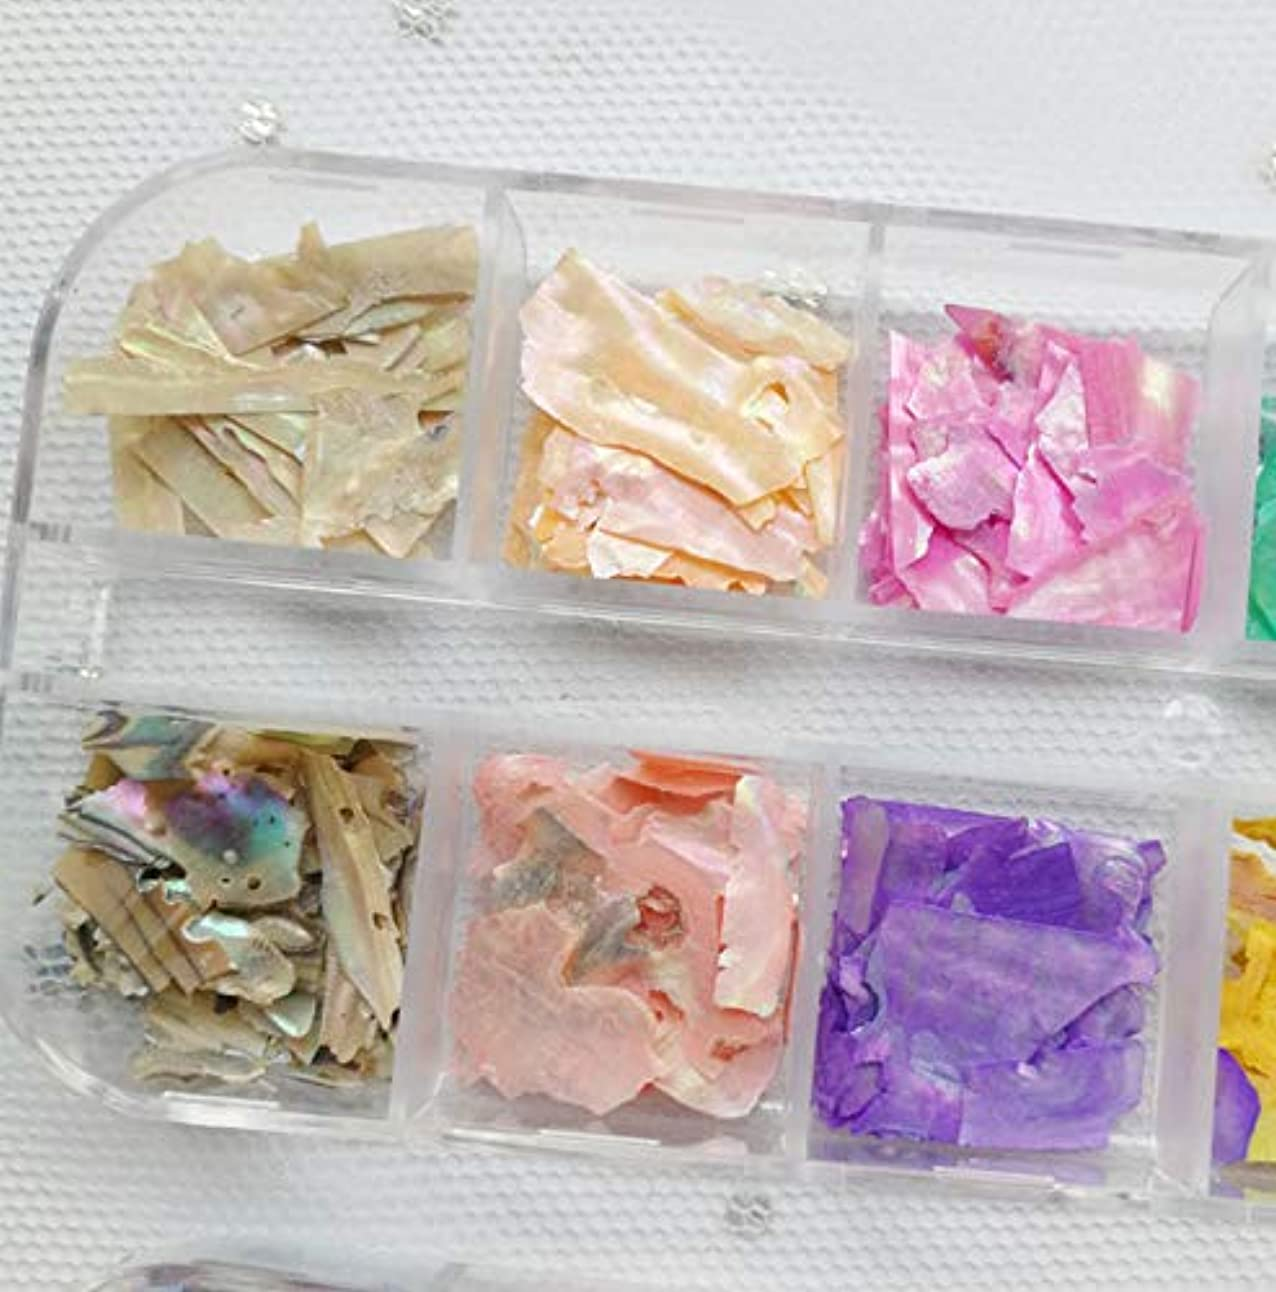 容赦ない用心深いおかしいシェルフレーク 夏ネイル用 貝殻片 ネイルアート ネイルパーツ ネイルアクセサリー 天然 可愛い カラー 超薄 12色/セット ケース付き